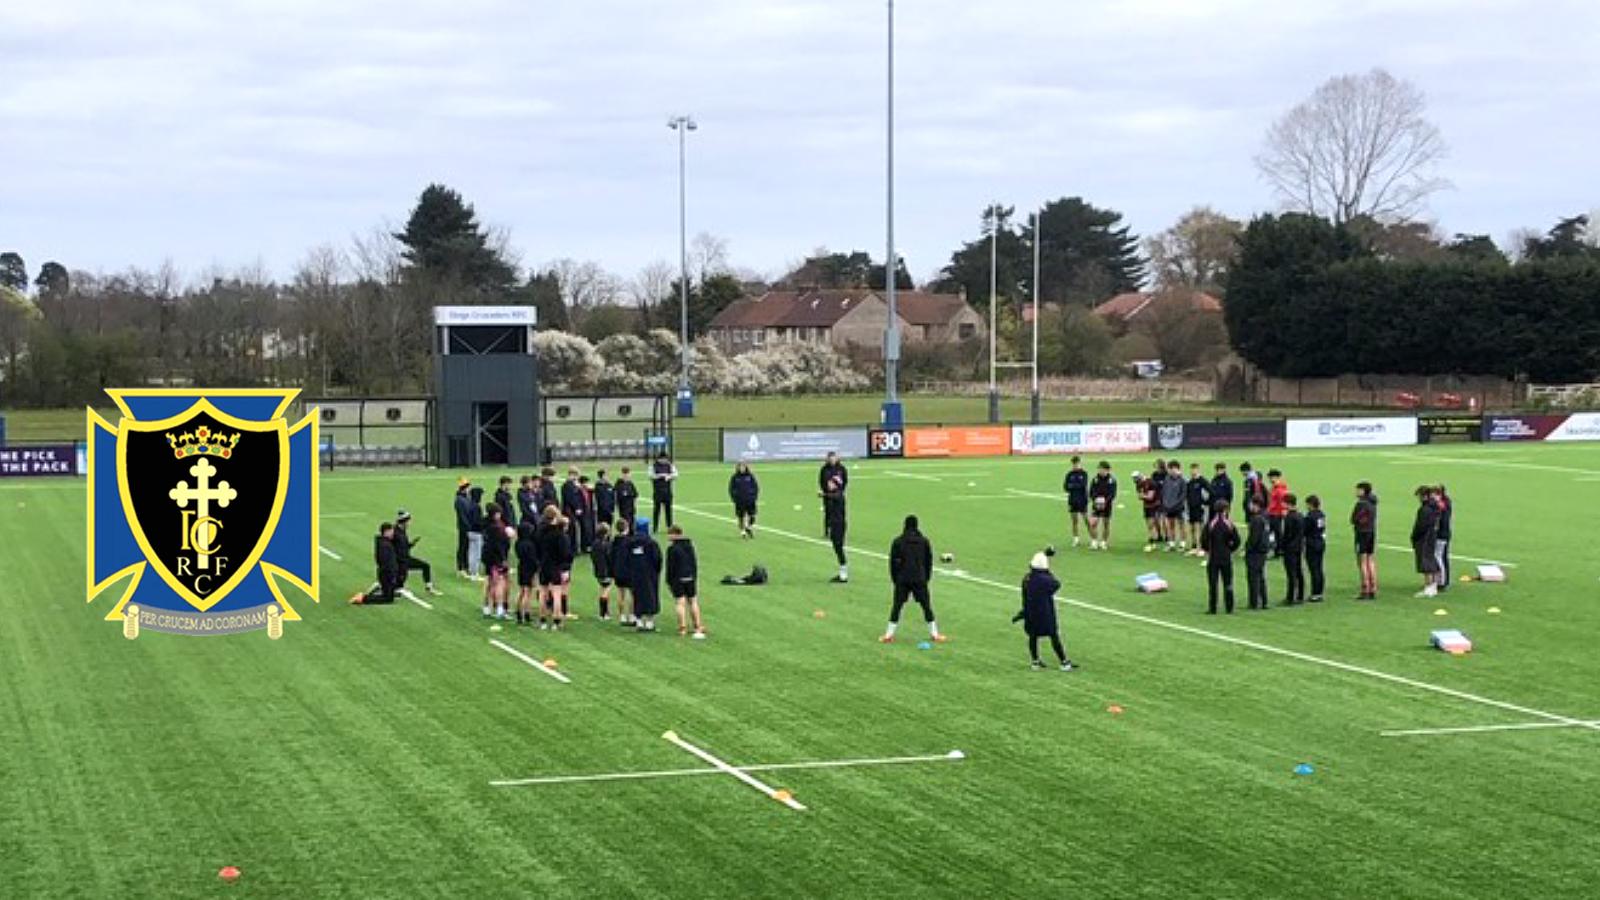 UR7s at Dings Crusaders Rugby Football Club 2021